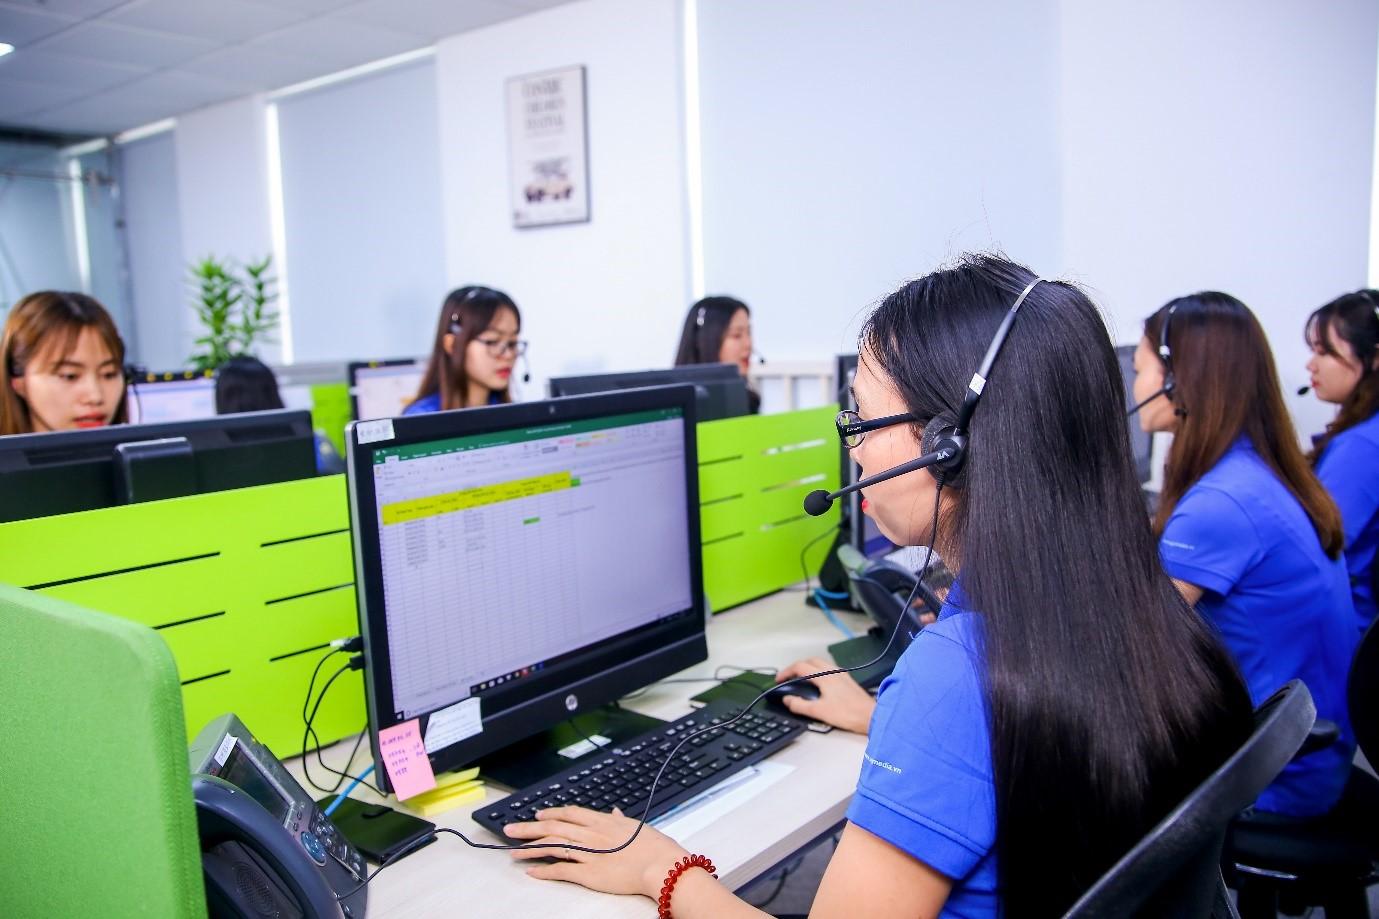 WeatherPlus hướng đến mục tiêu phát triển thêm nhiều công nghệ, mở rộng hợp tác để trở thành đơn vị cung cấp thông tin dự báo thời tiết, khí hậu tin cậy nhất Việt Nam. Nguồn: WP